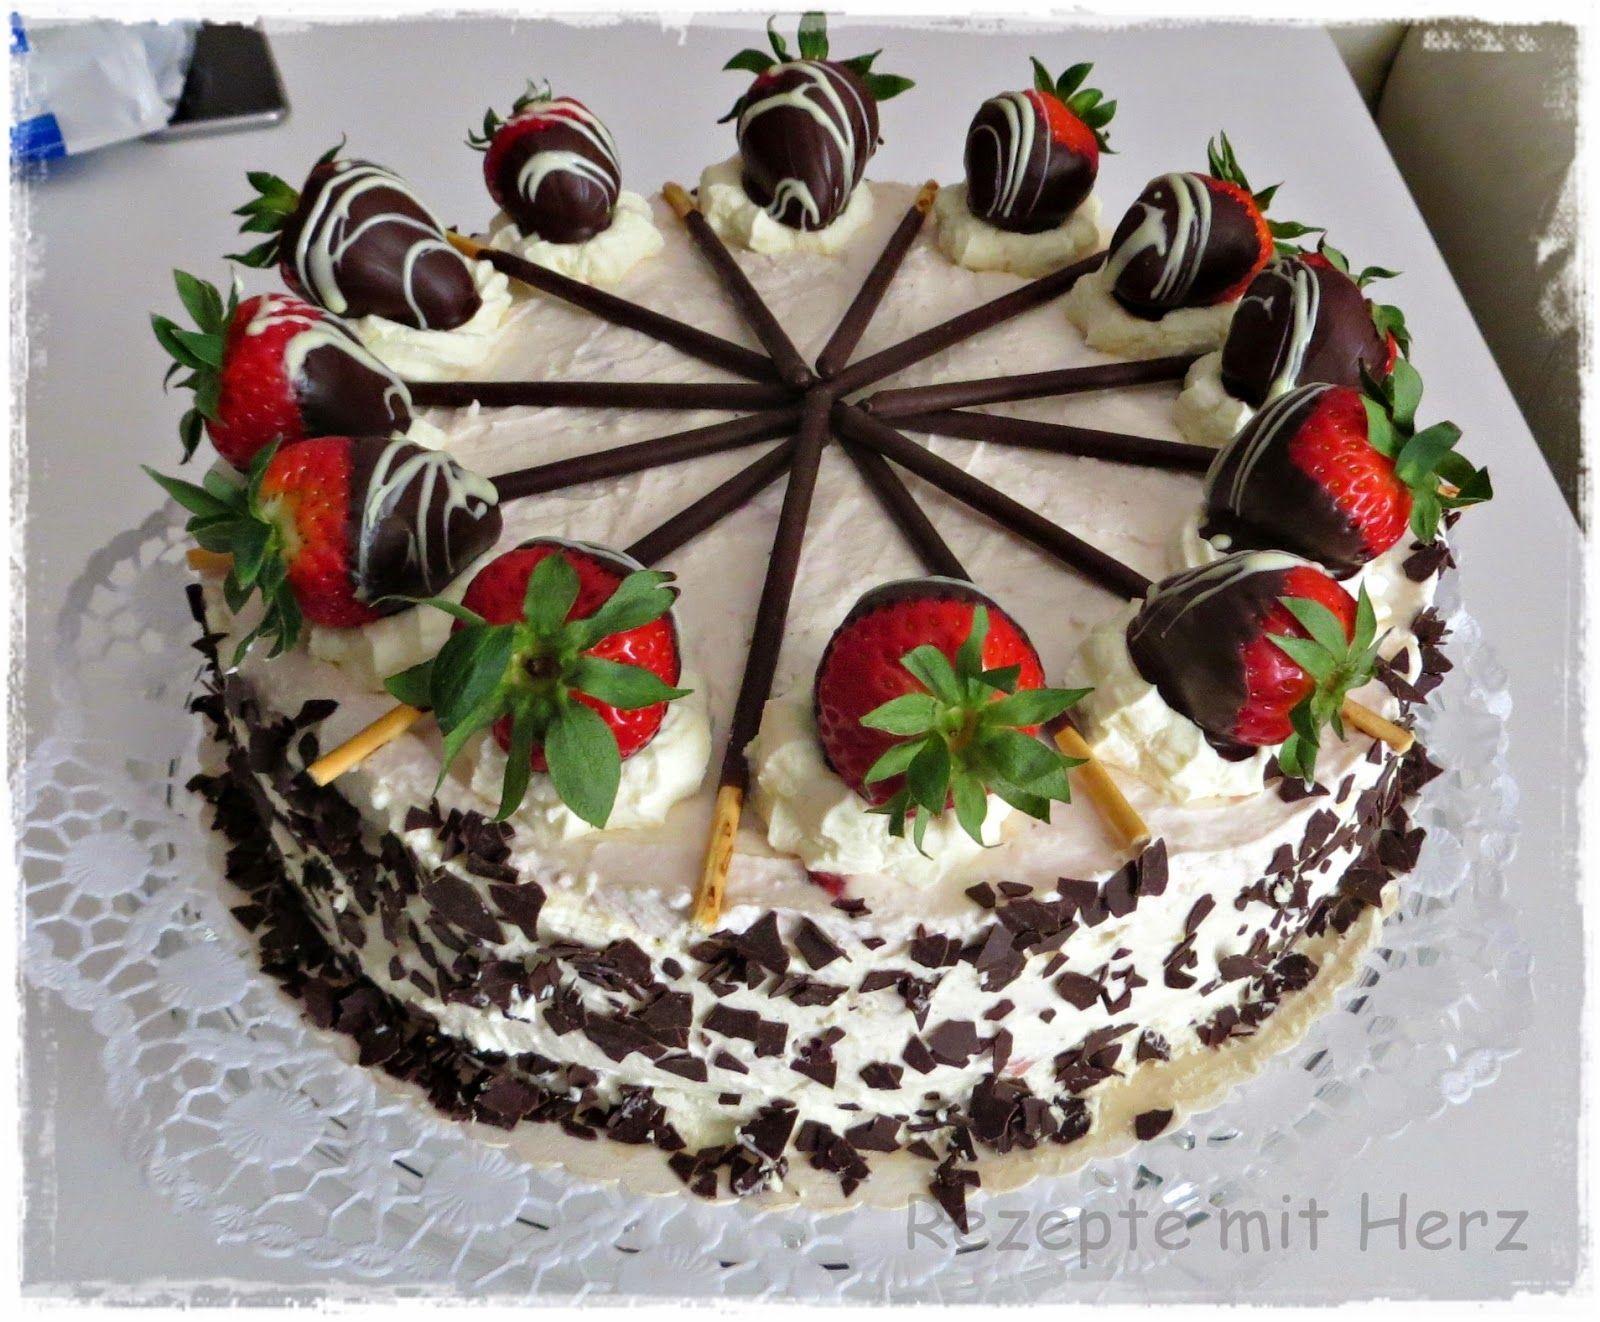 Rezepte Mit Herz Erdbeer Mascarpone Torte Pasteles